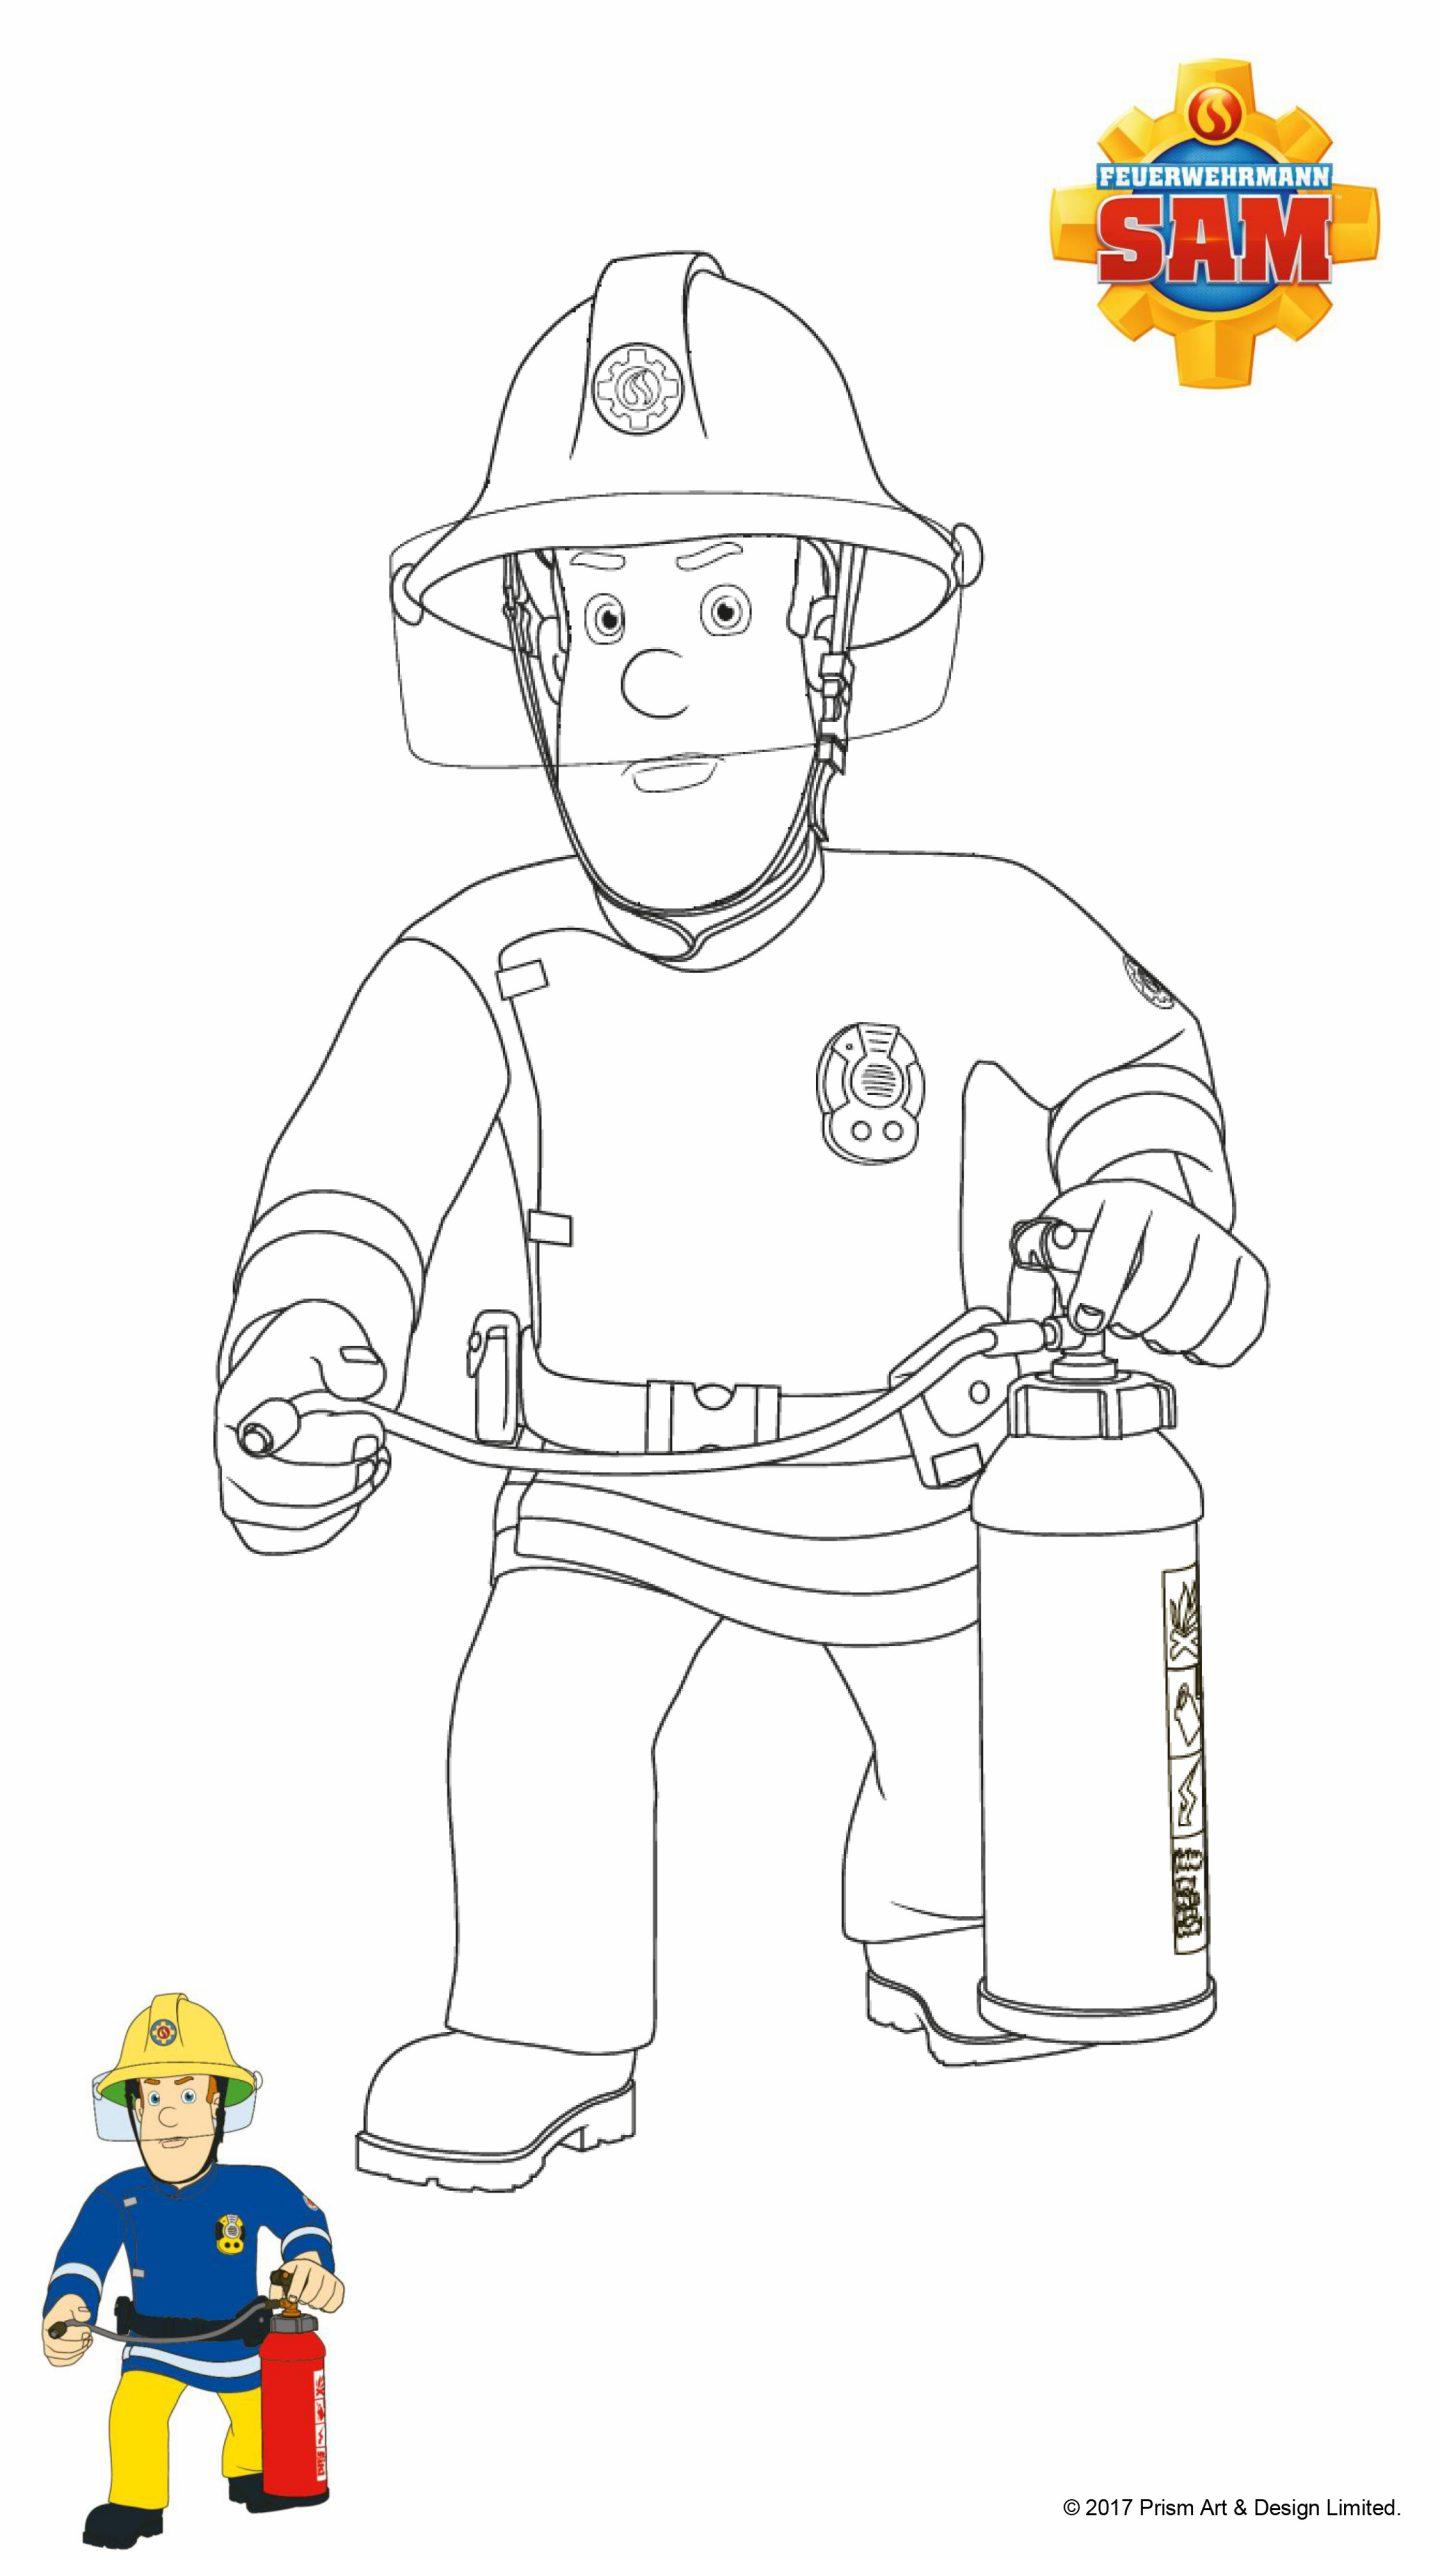 Feuerwehrmann Sam Ausmalbilder   Mytoys Blog für Feuerwehrmann Sam Malvorlage